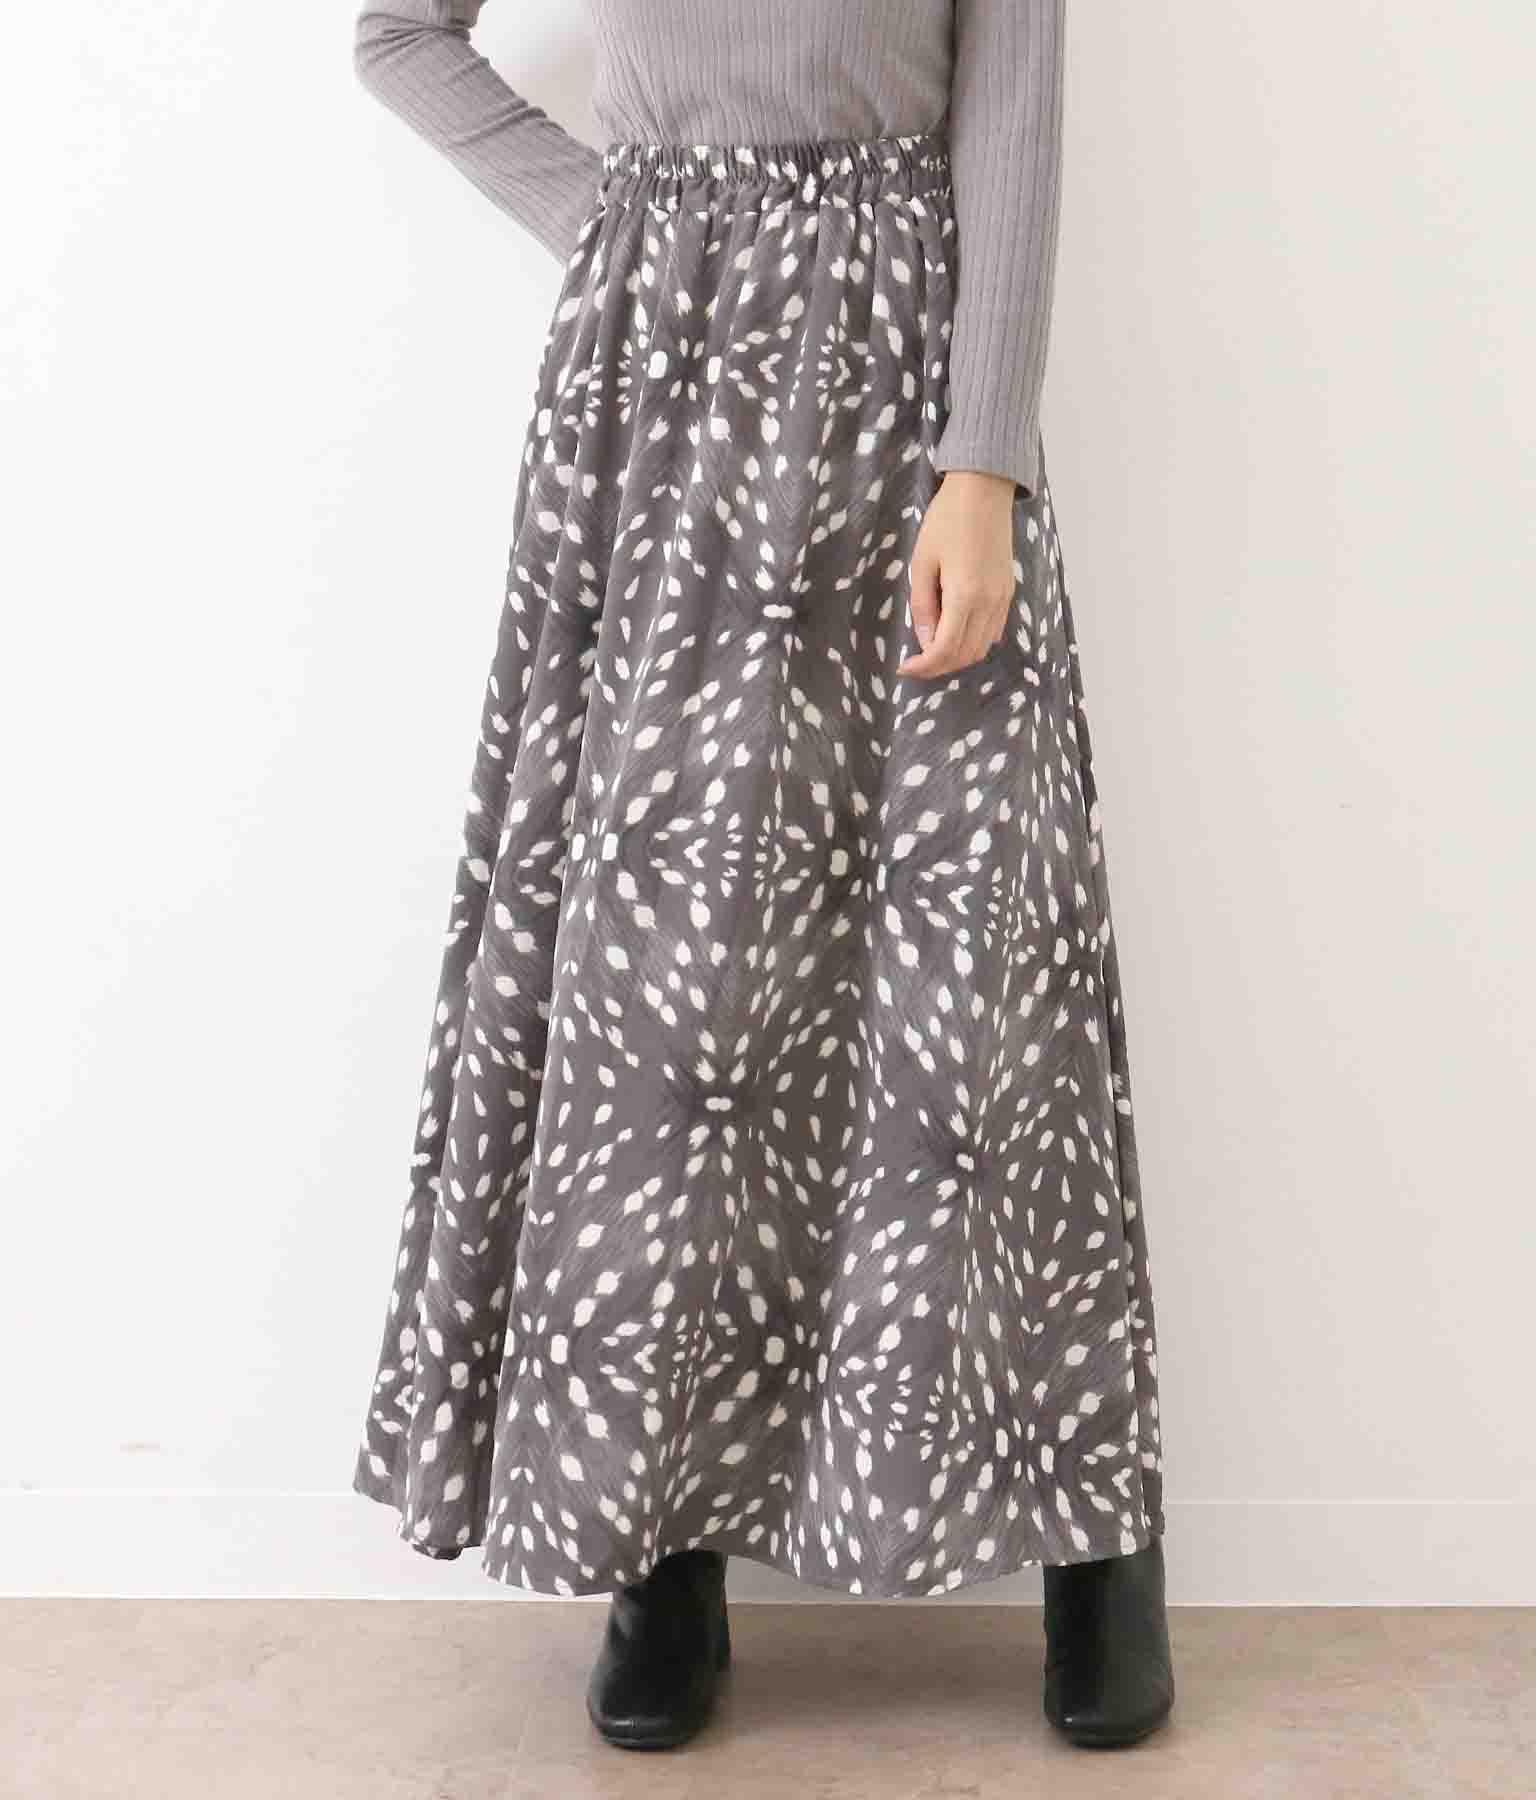 くすみアニマル柄ロングスカート